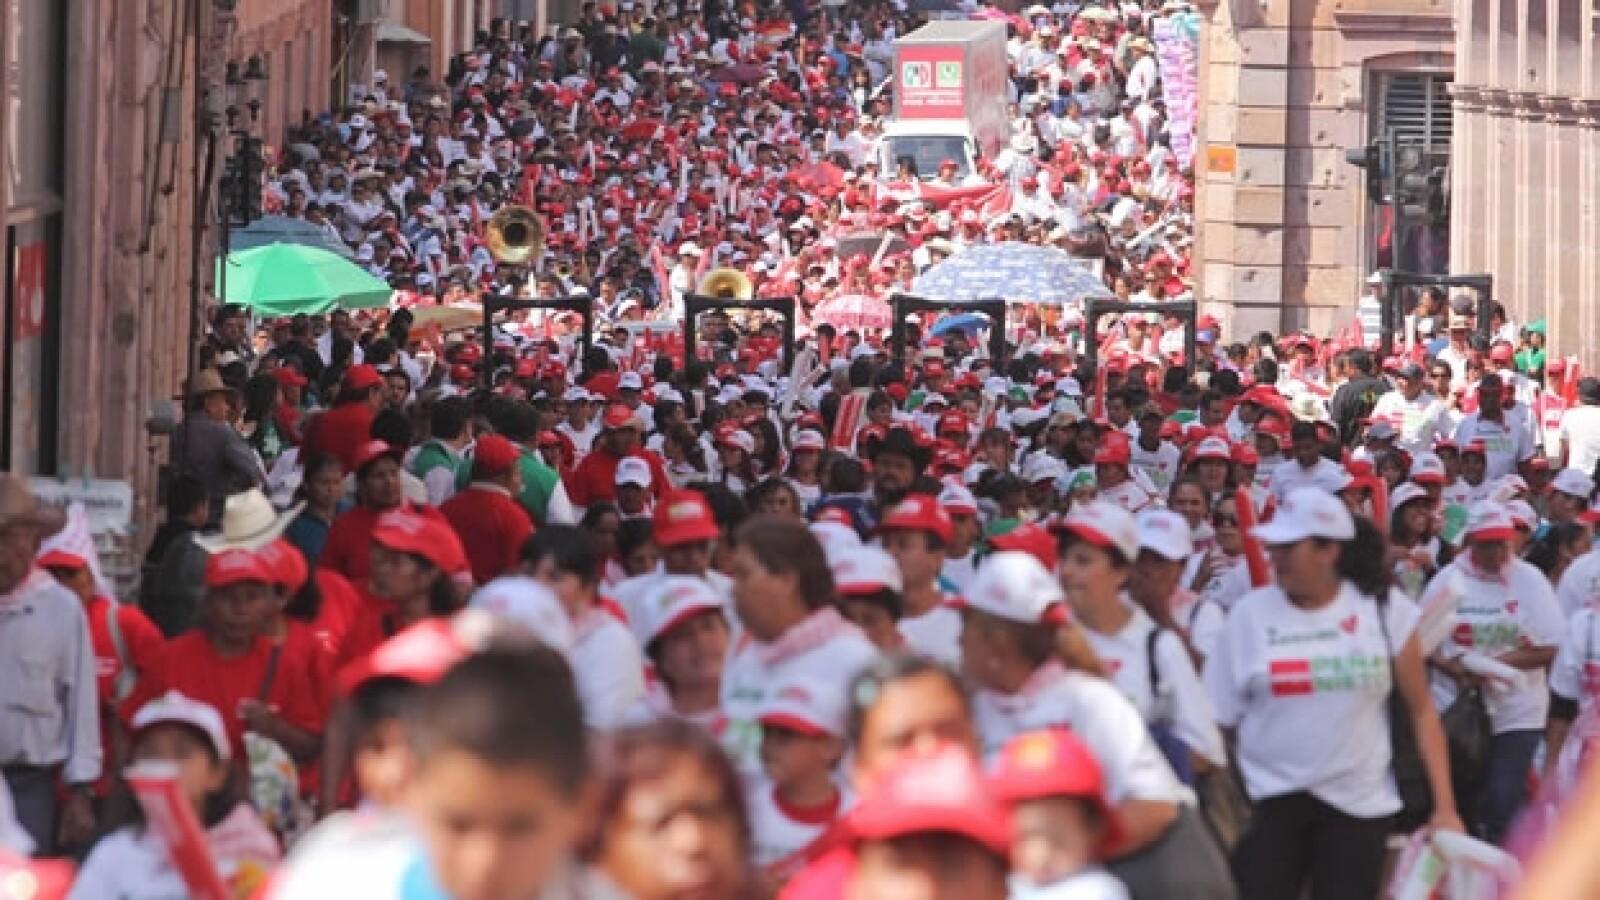 Seguidores de peña nieto dan su apoyo al candidato en zacatecas